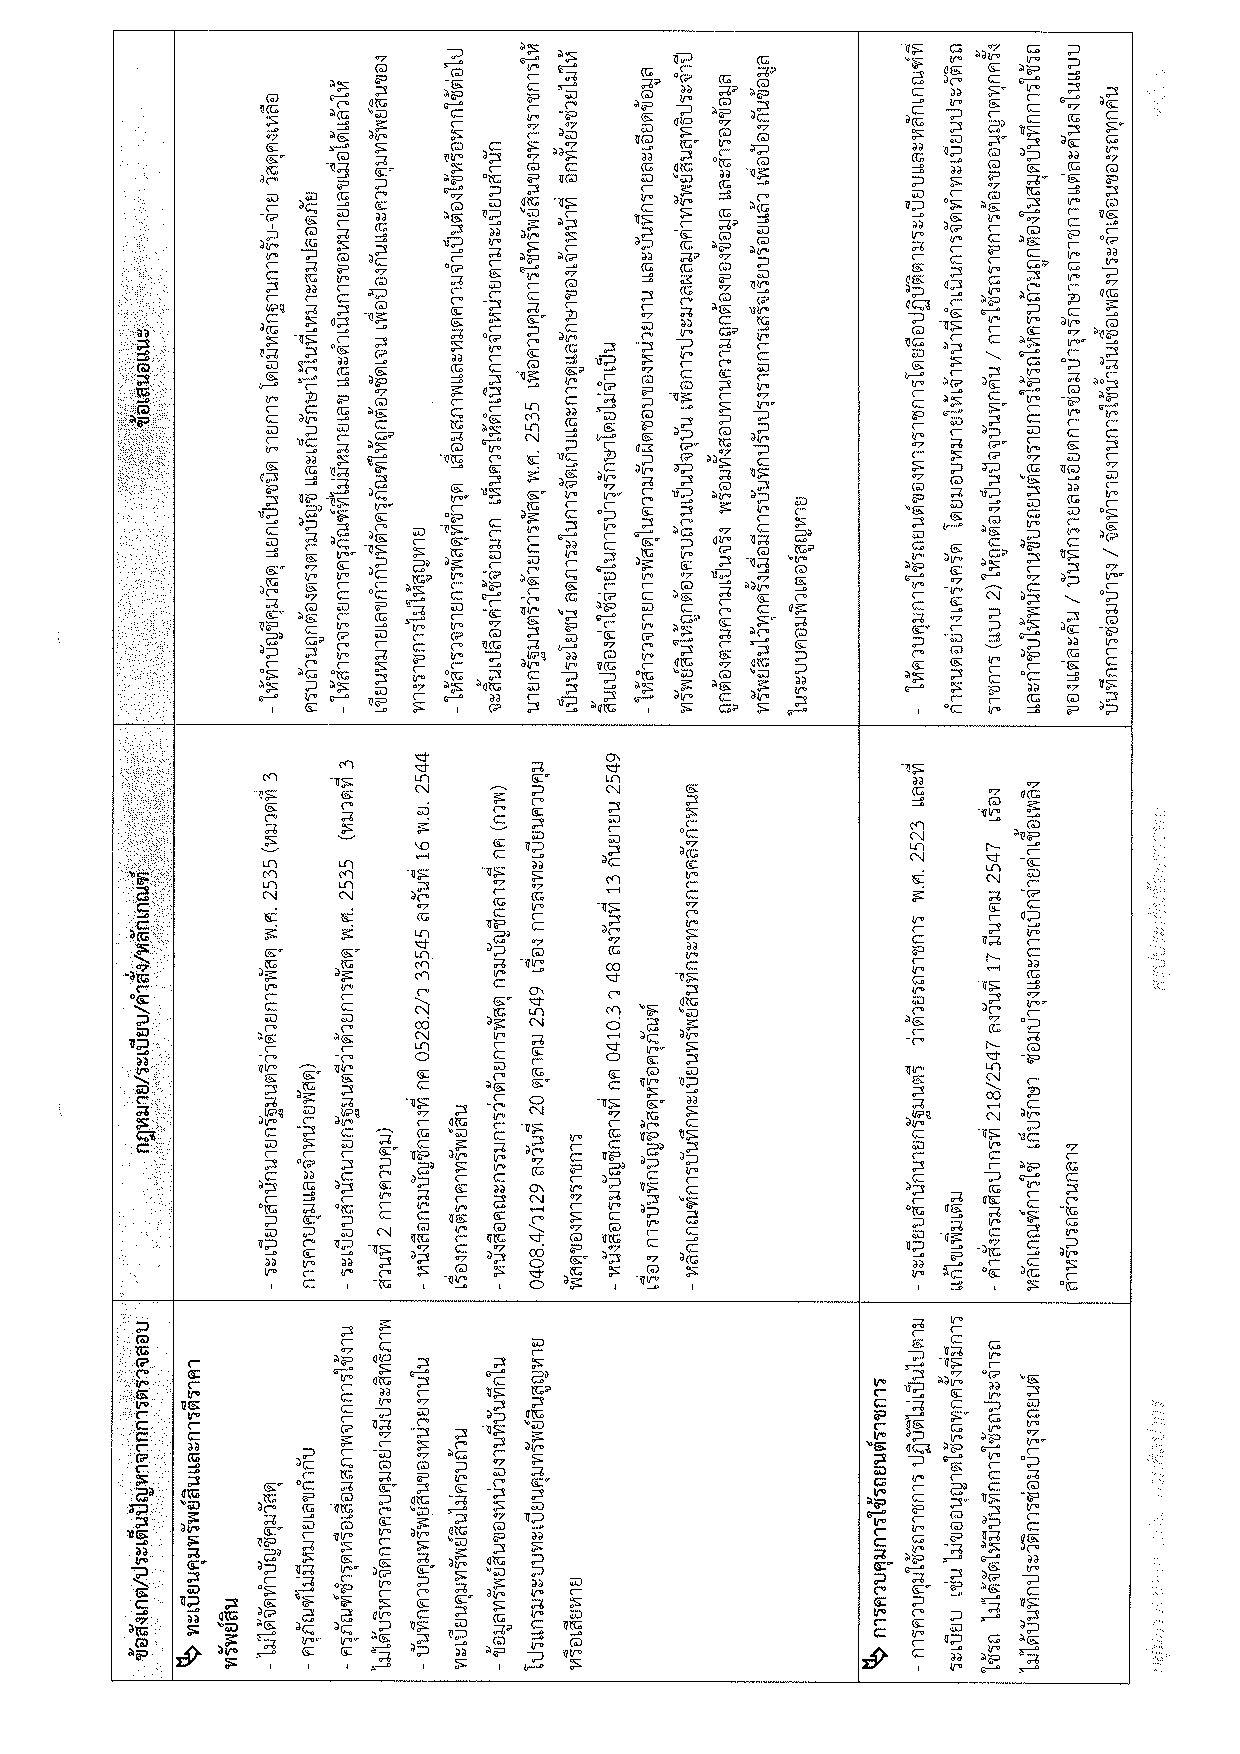 สรุปผลการปฏิบัติงานกลุ่มตรวจสอบภายใน ประจำปีงบประมาณ พ.ศ. ๒๕๕๗